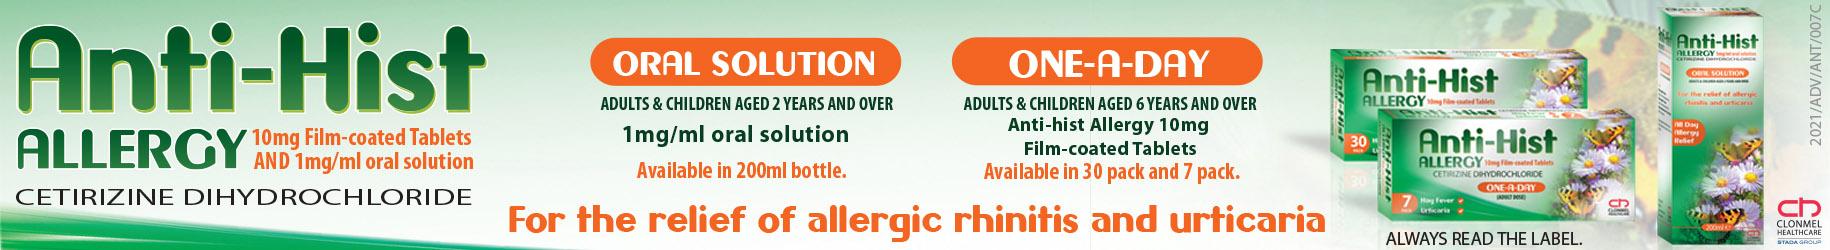 hayfever allergy anithist cetrine